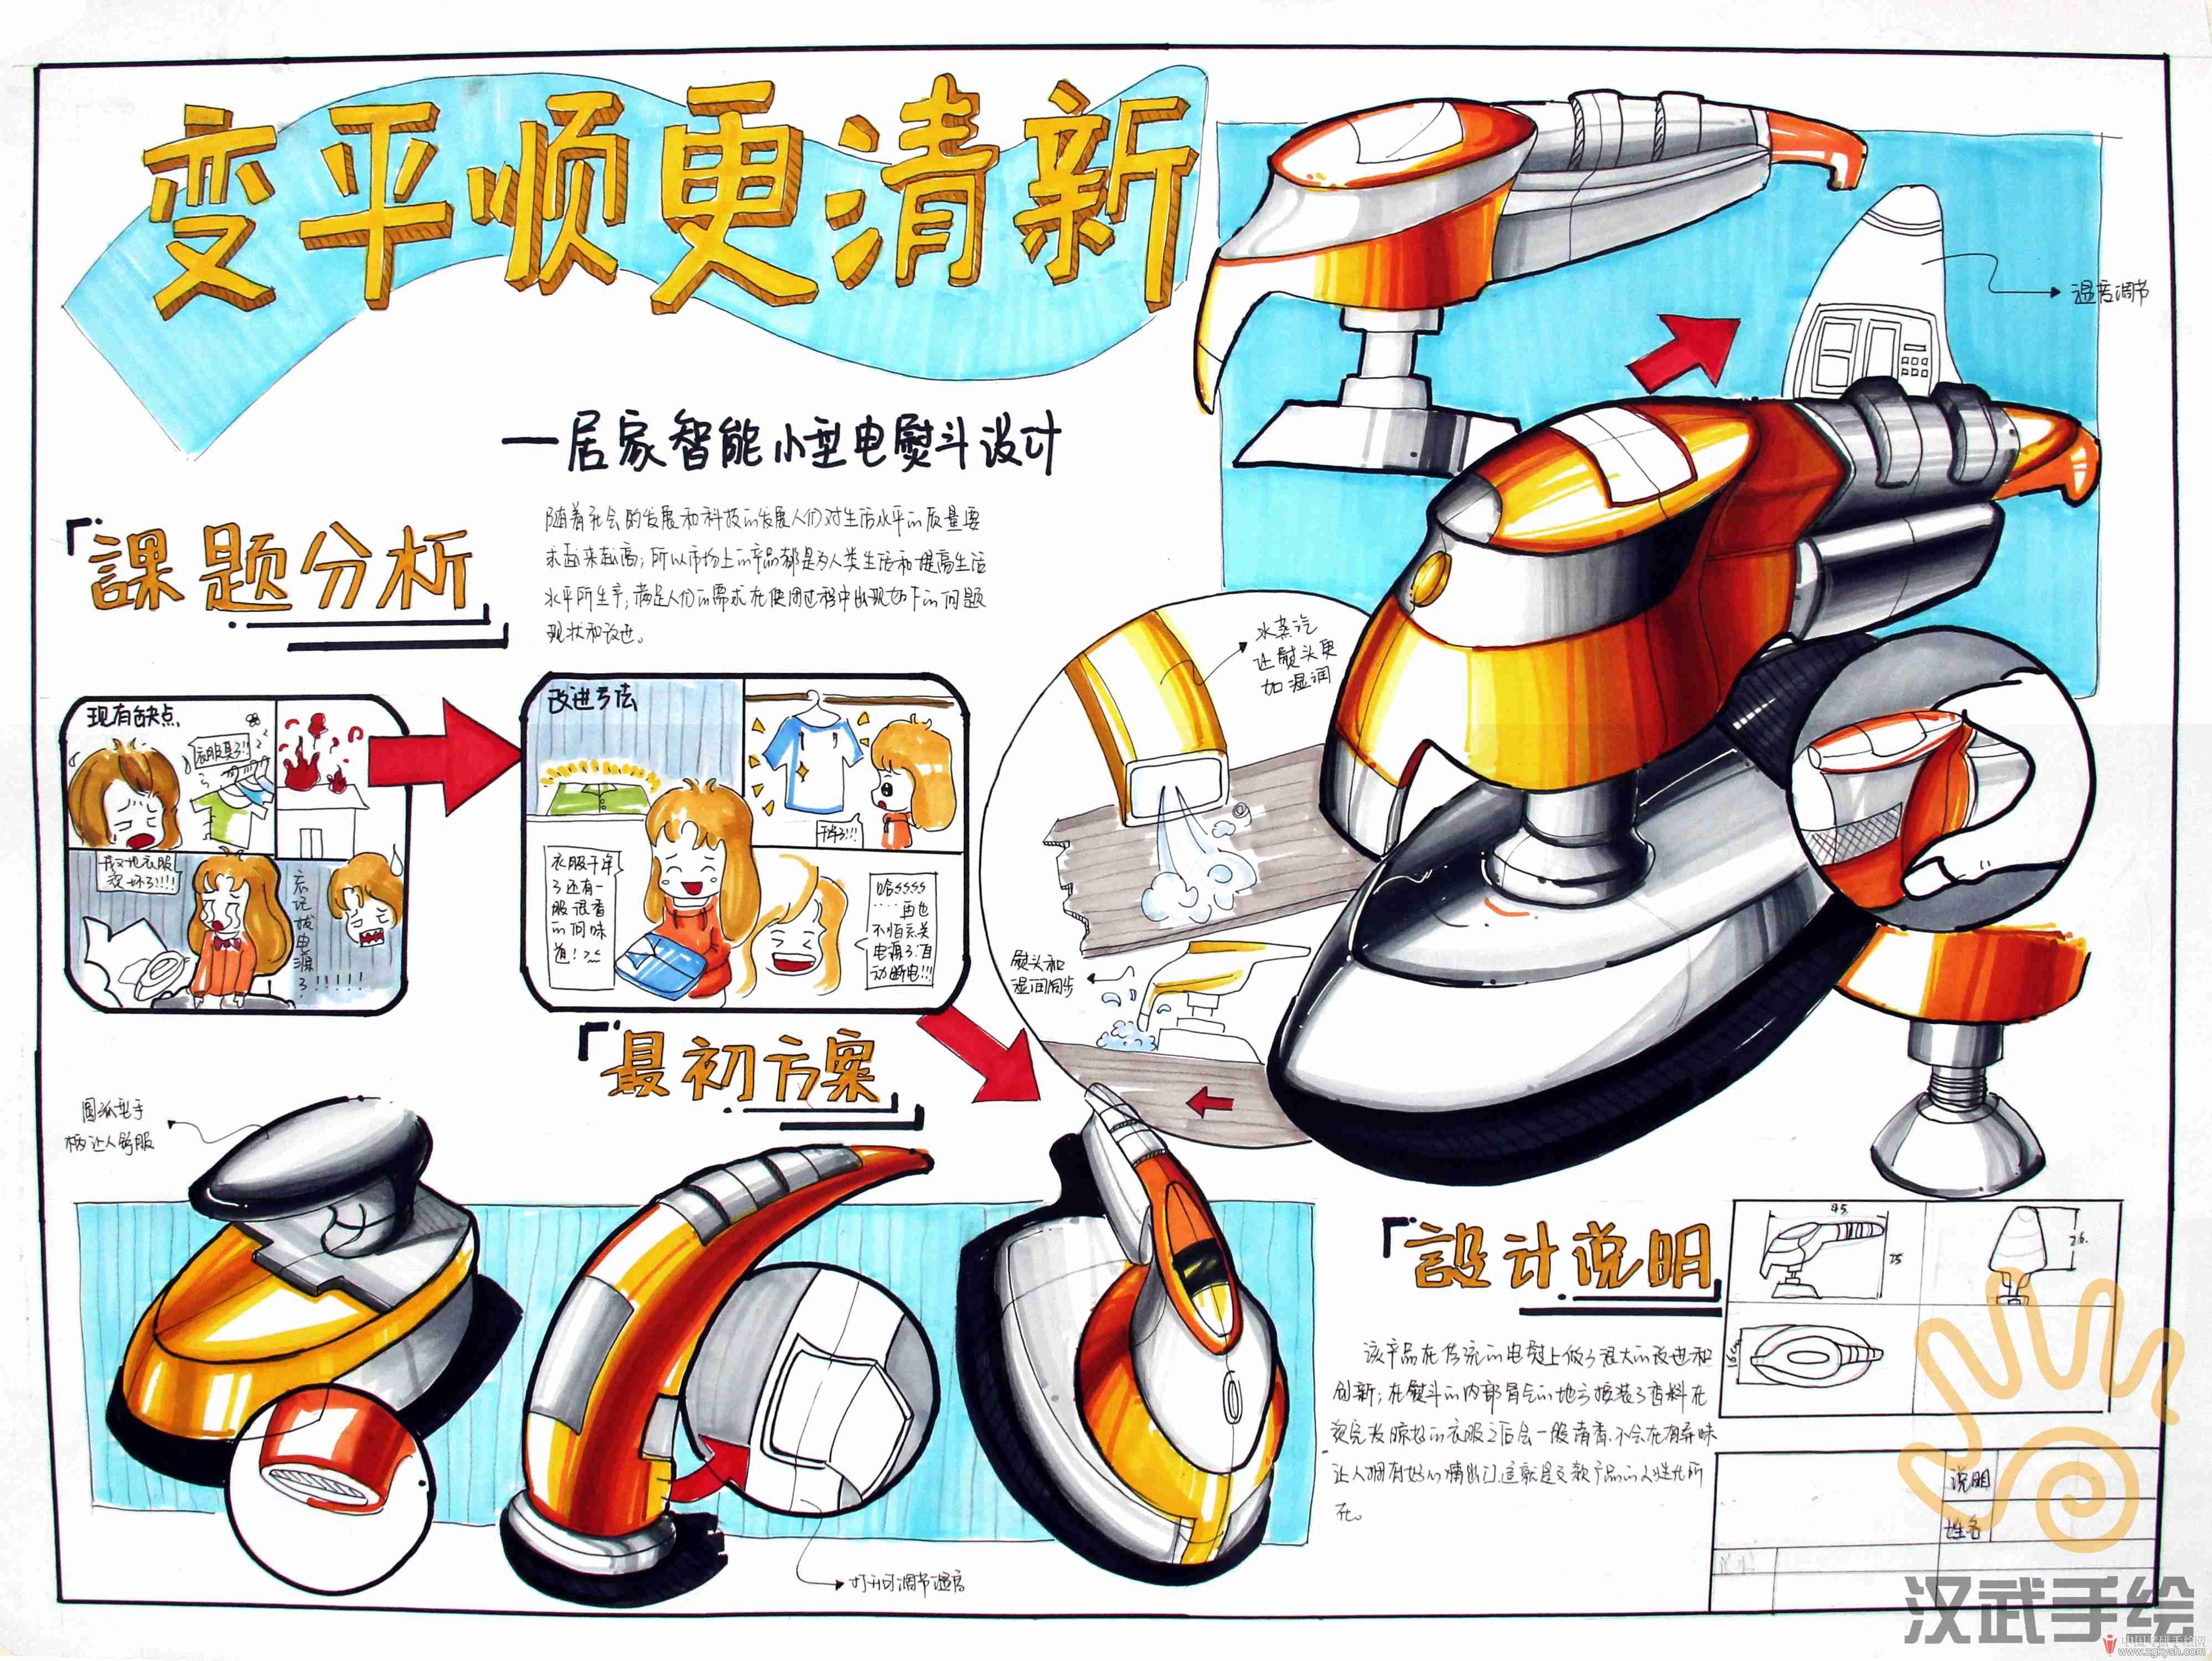 汉武手绘工业设计手绘快题优秀模板150张,大放送!